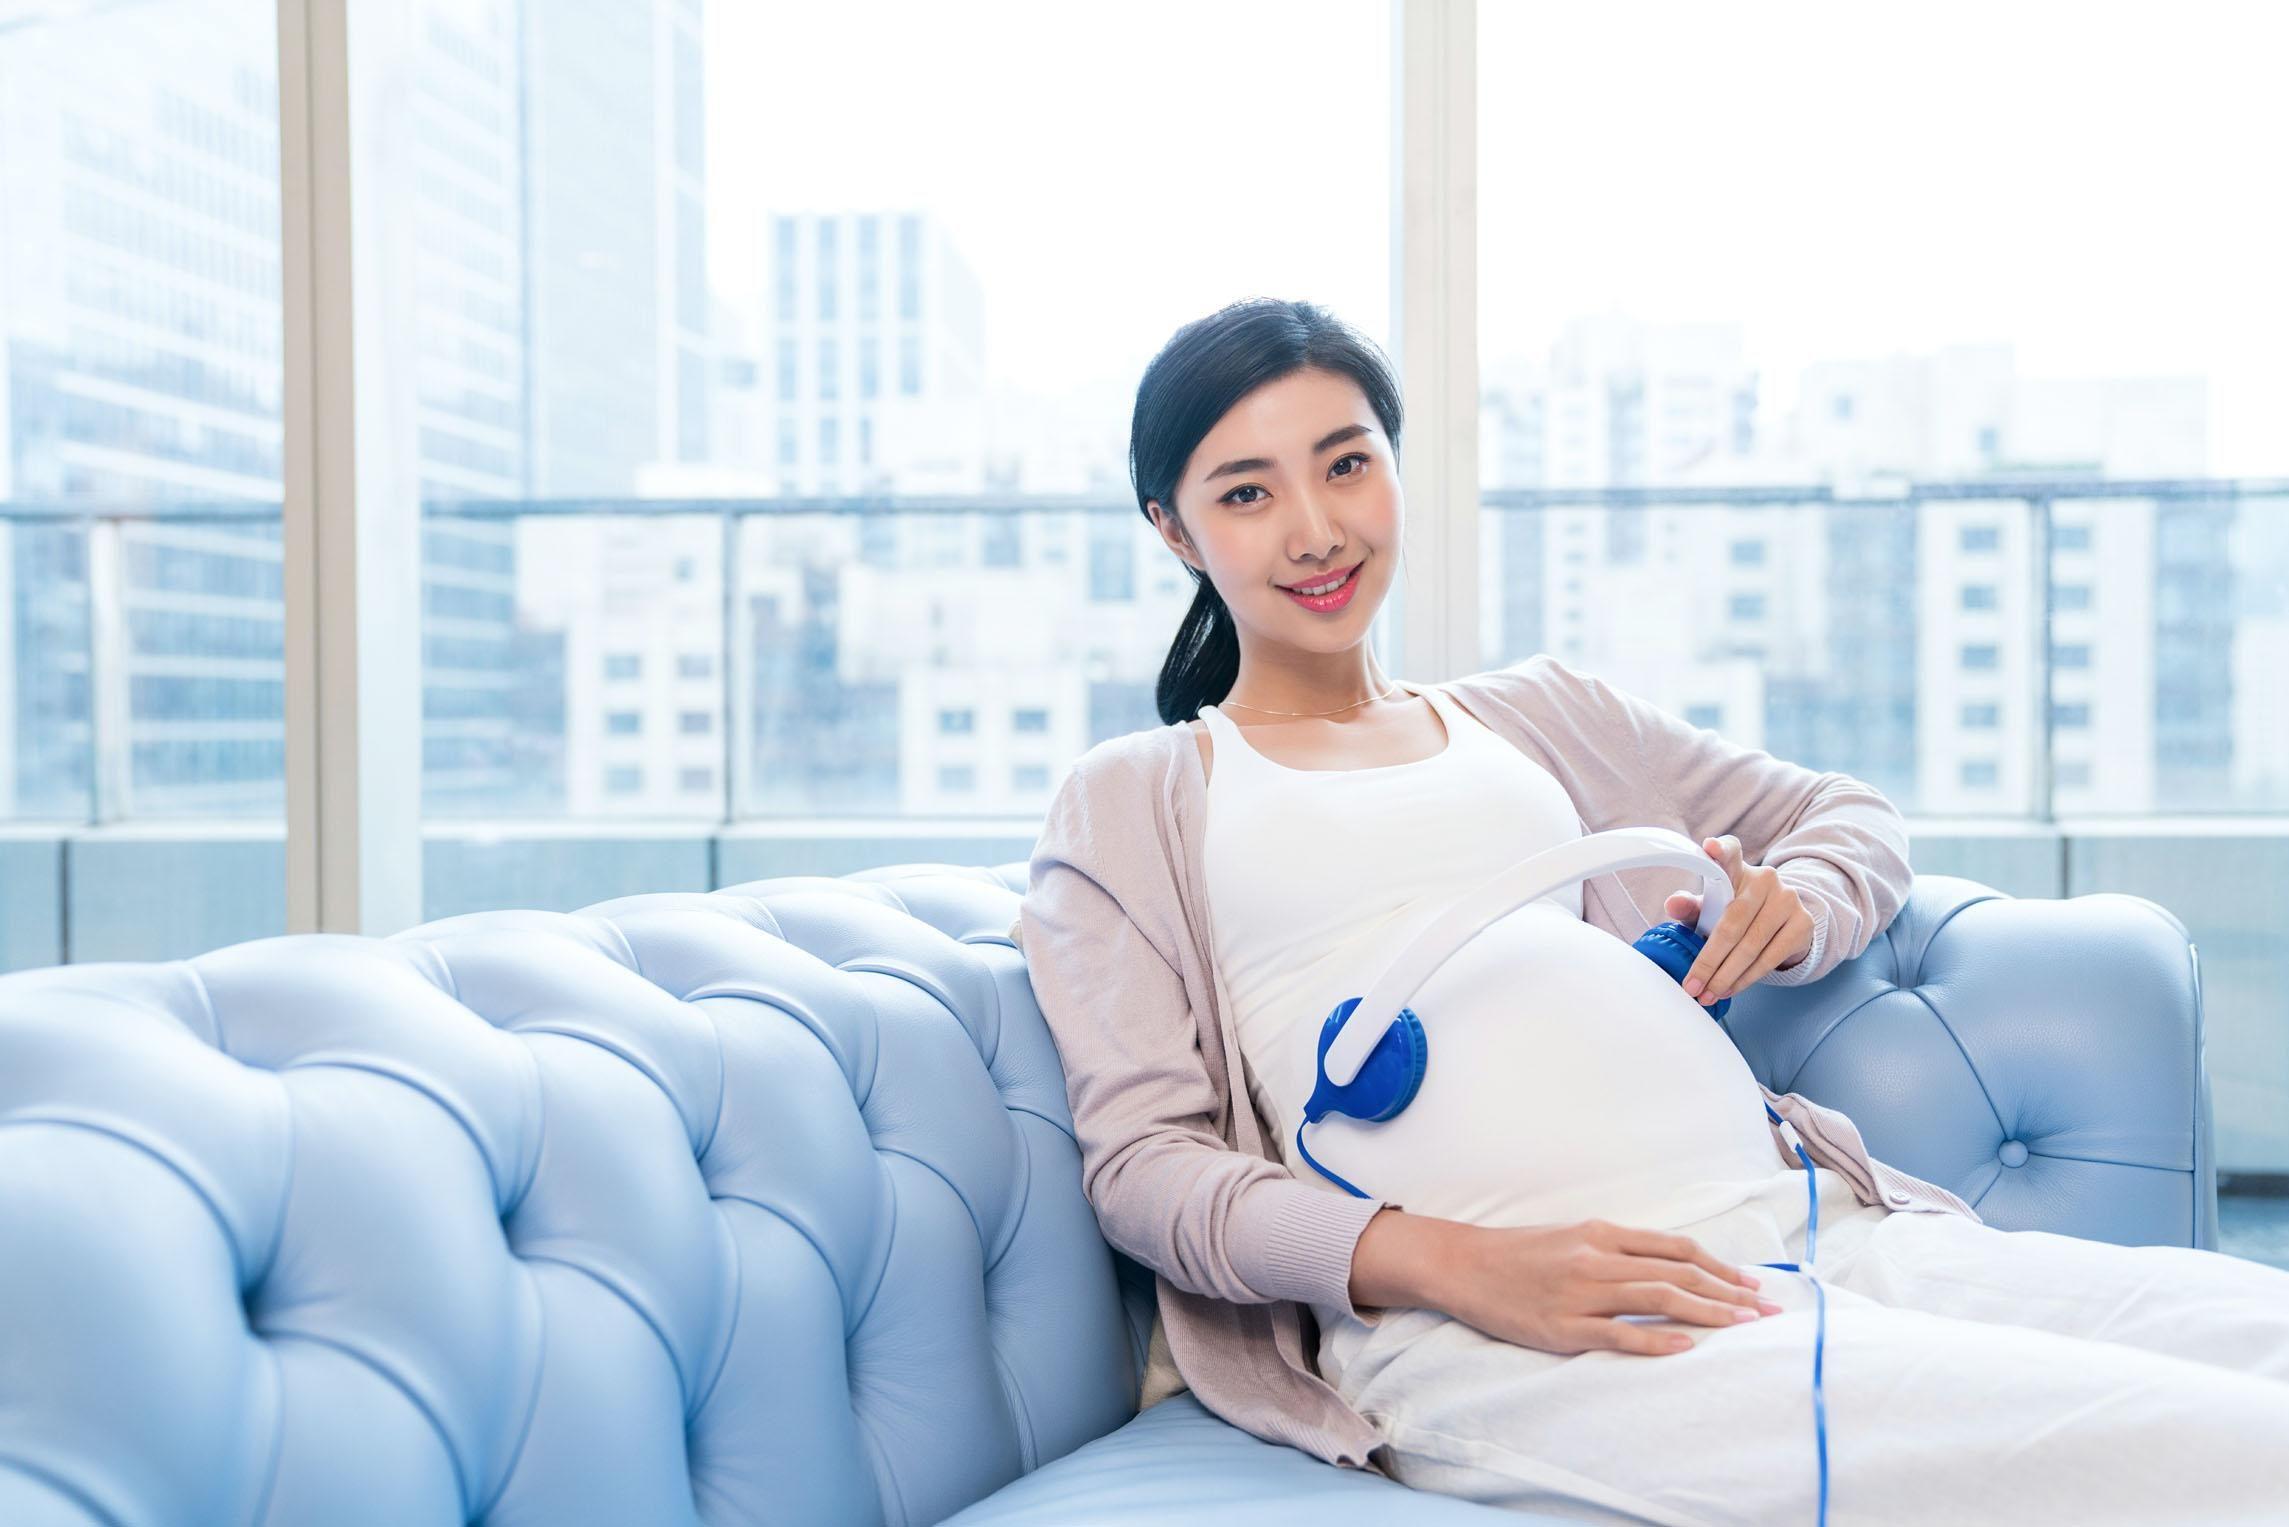 香港试管婴儿成功率节节攀升新秘密:胚胎植入前遗传学筛查PGS